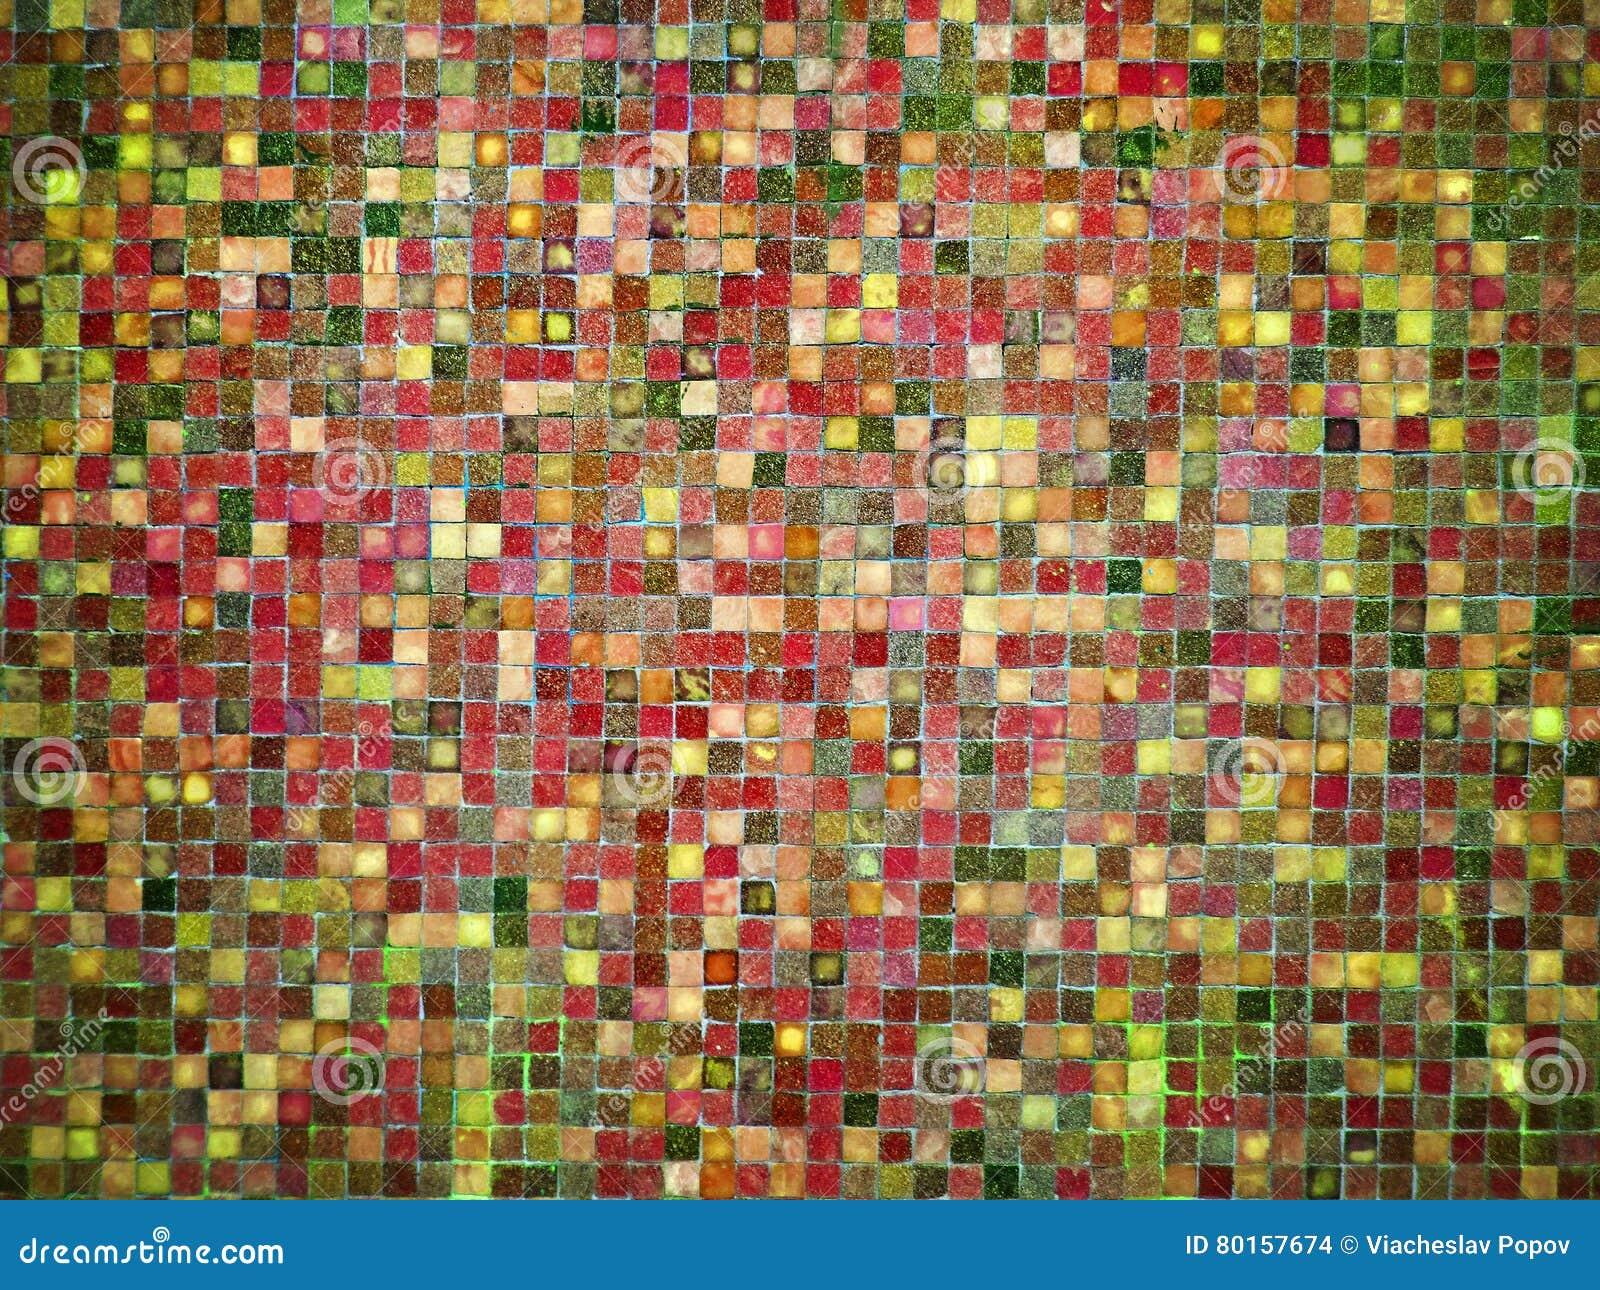 Rote mosaikfliesen - Grune mosaikfliesen ...